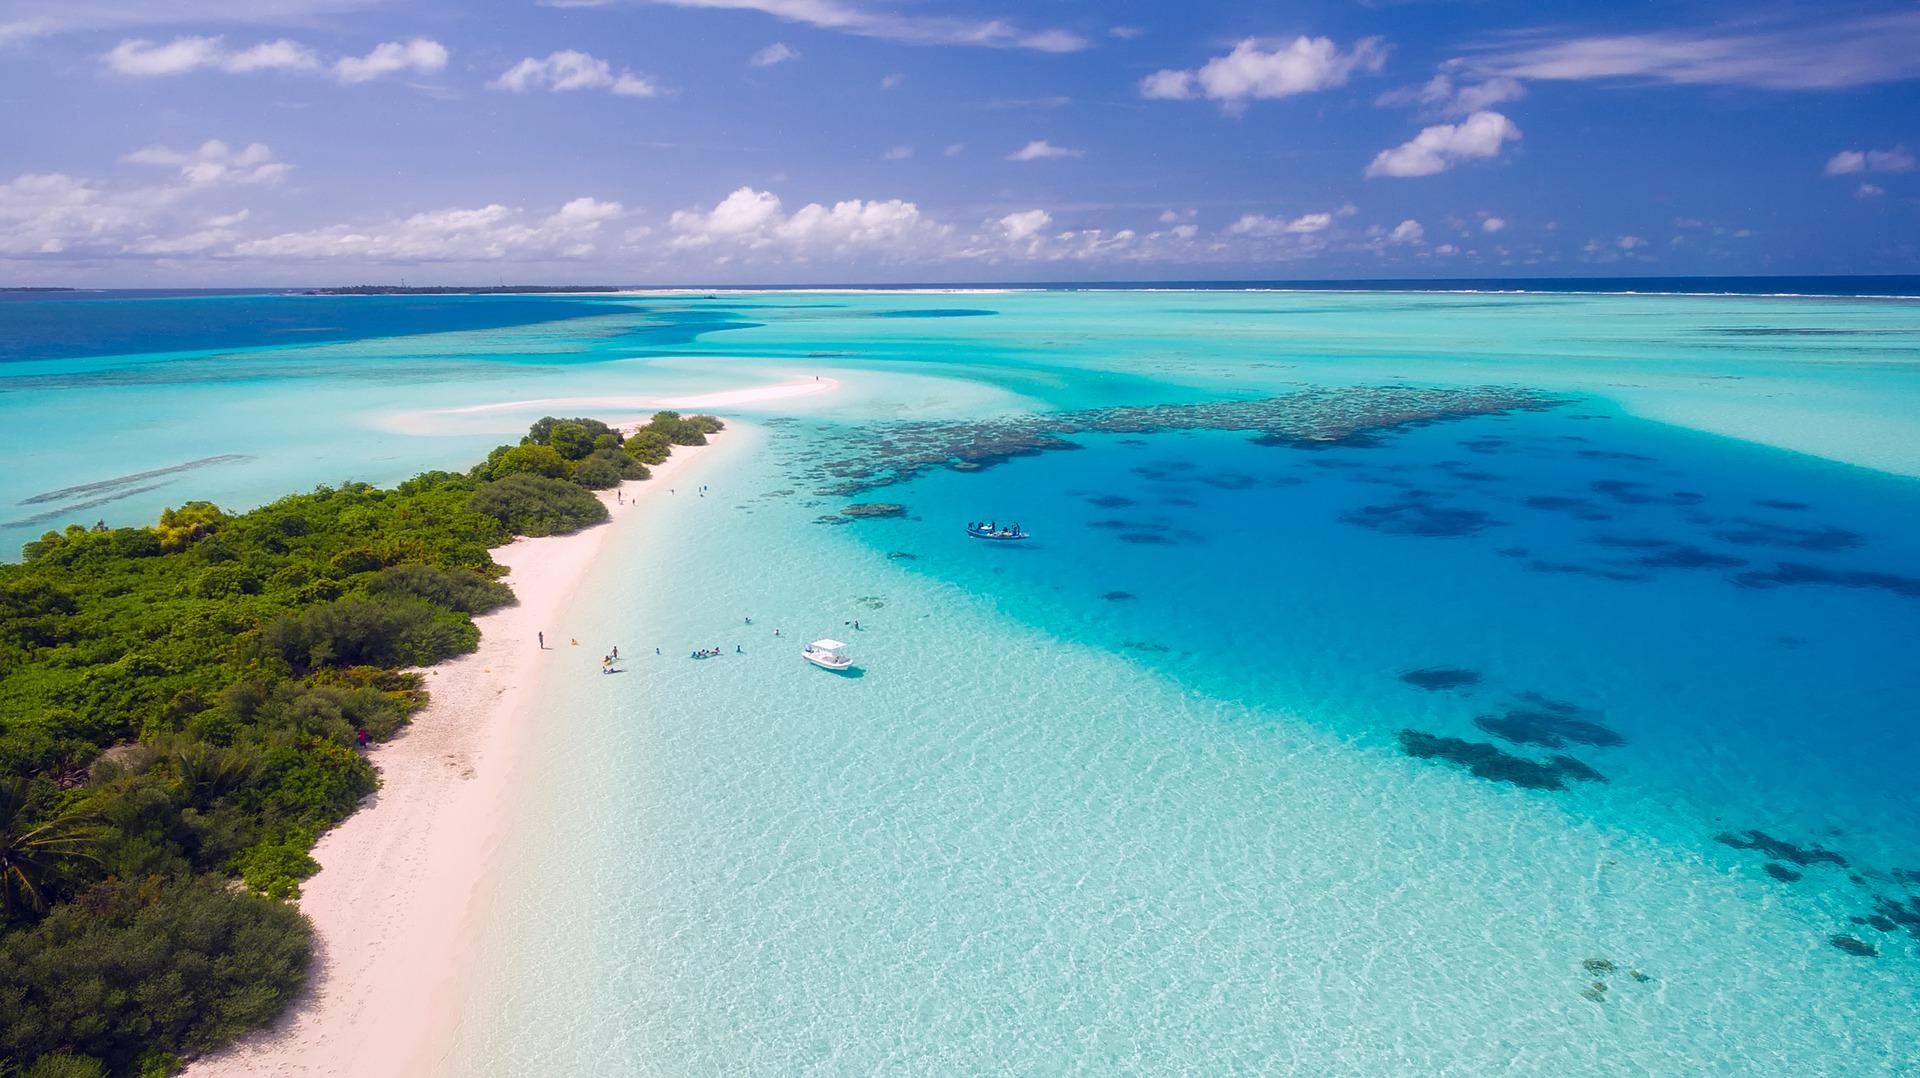 Swami Viaggi Monfalcone - Maldive